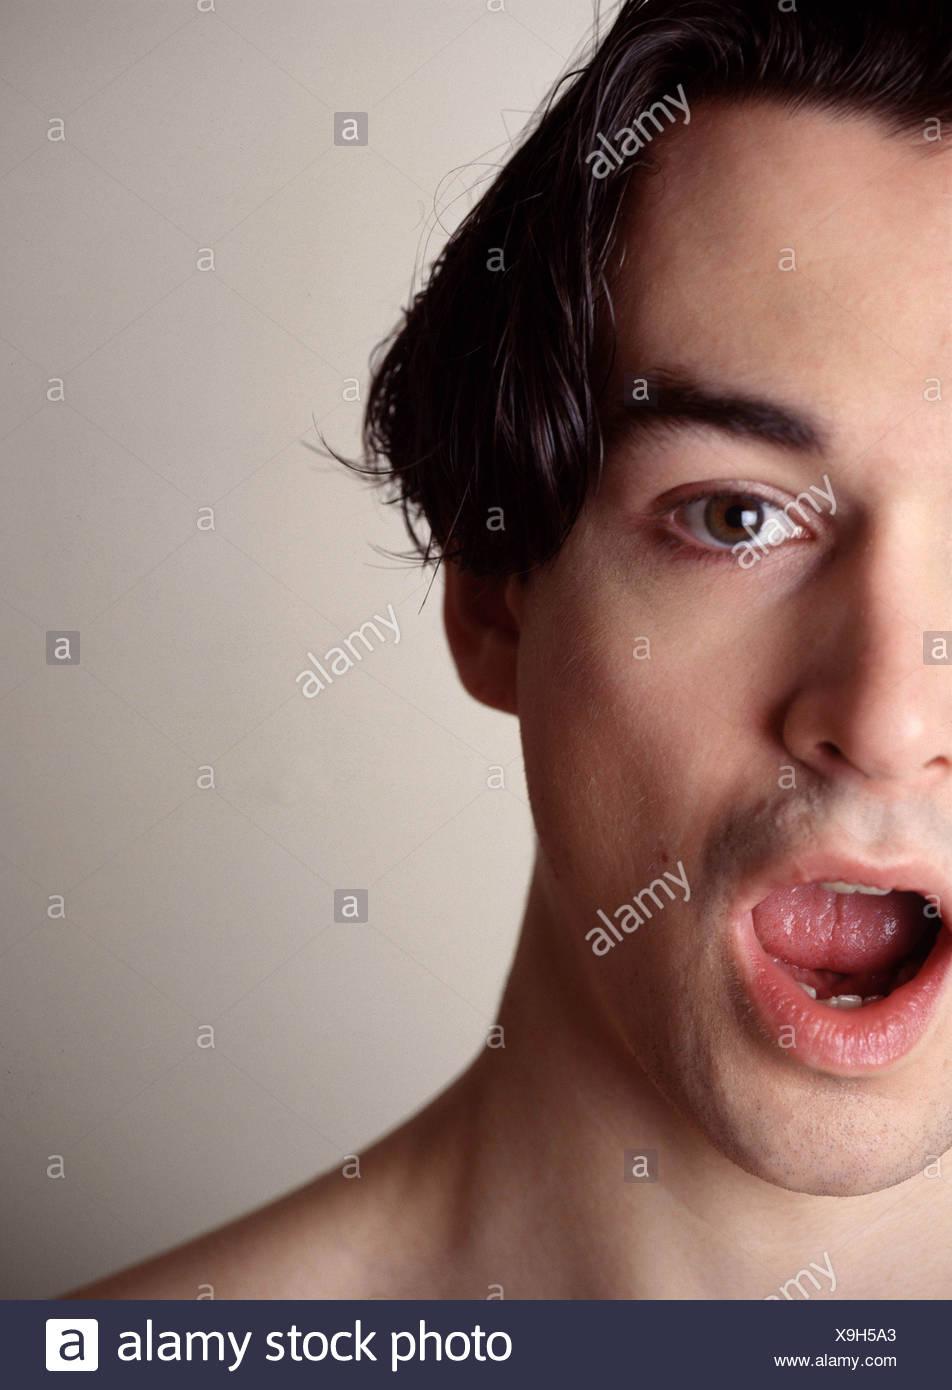 Bild Der Männlichen Mittellange Braune Haare Schwere